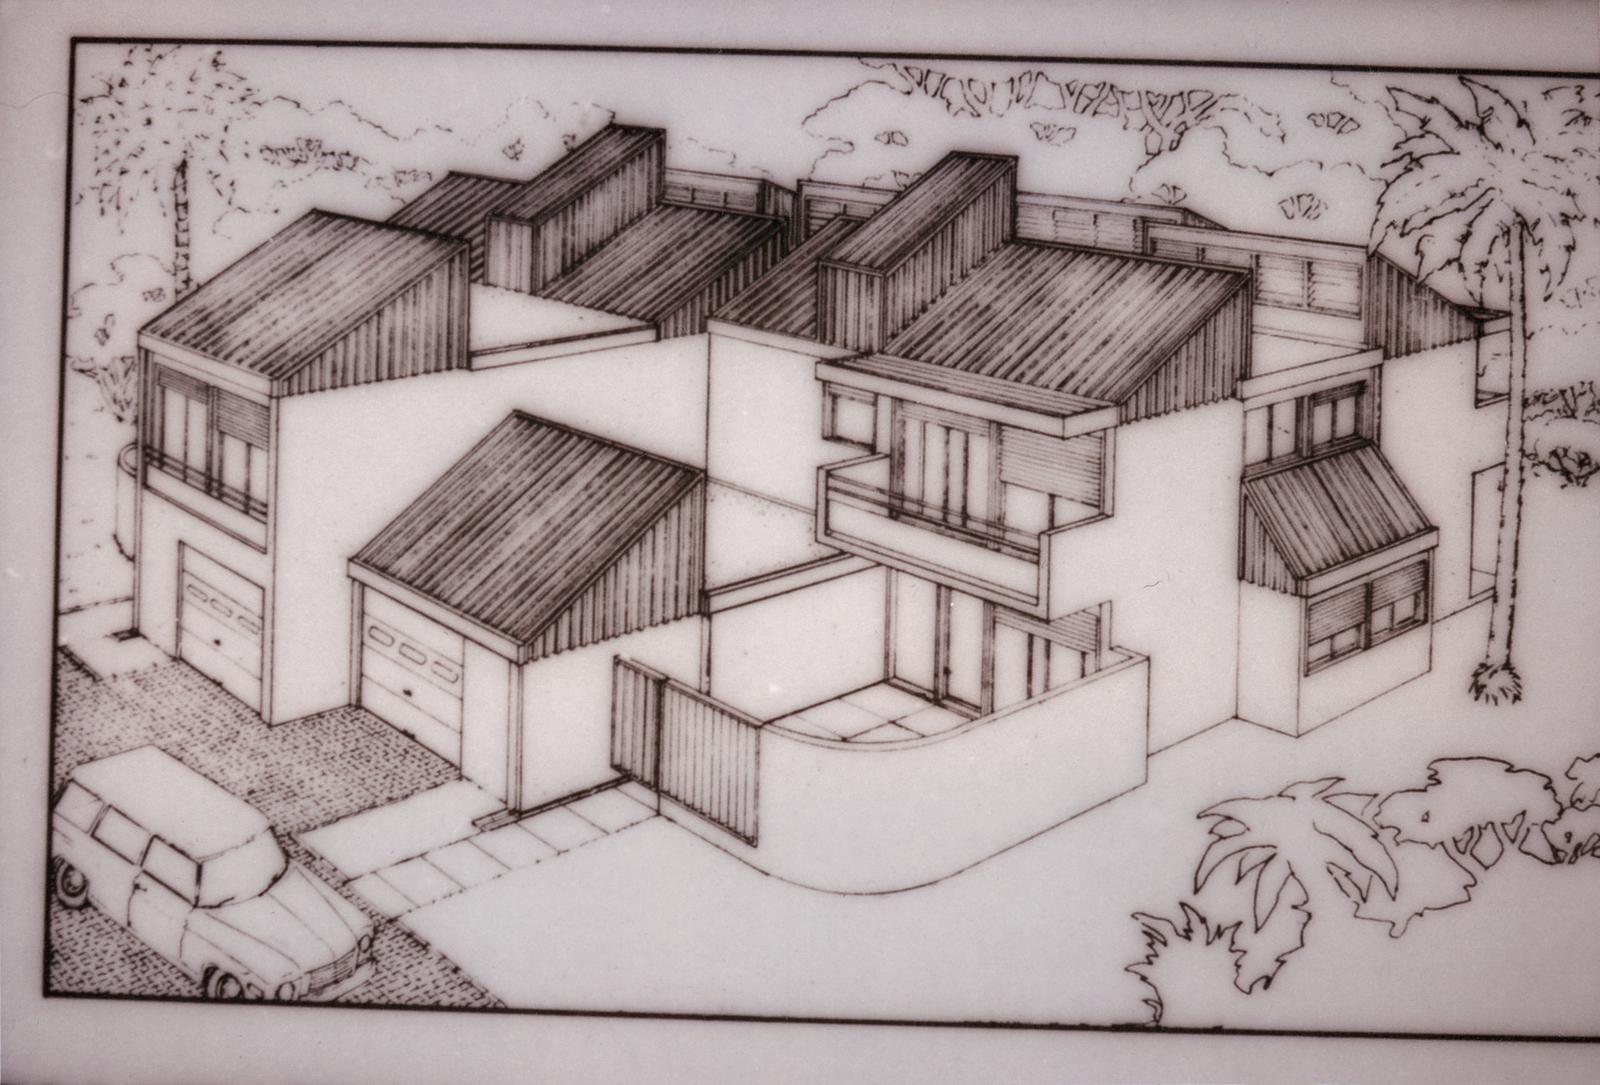 Lagos - Multi-Unit Residential Building